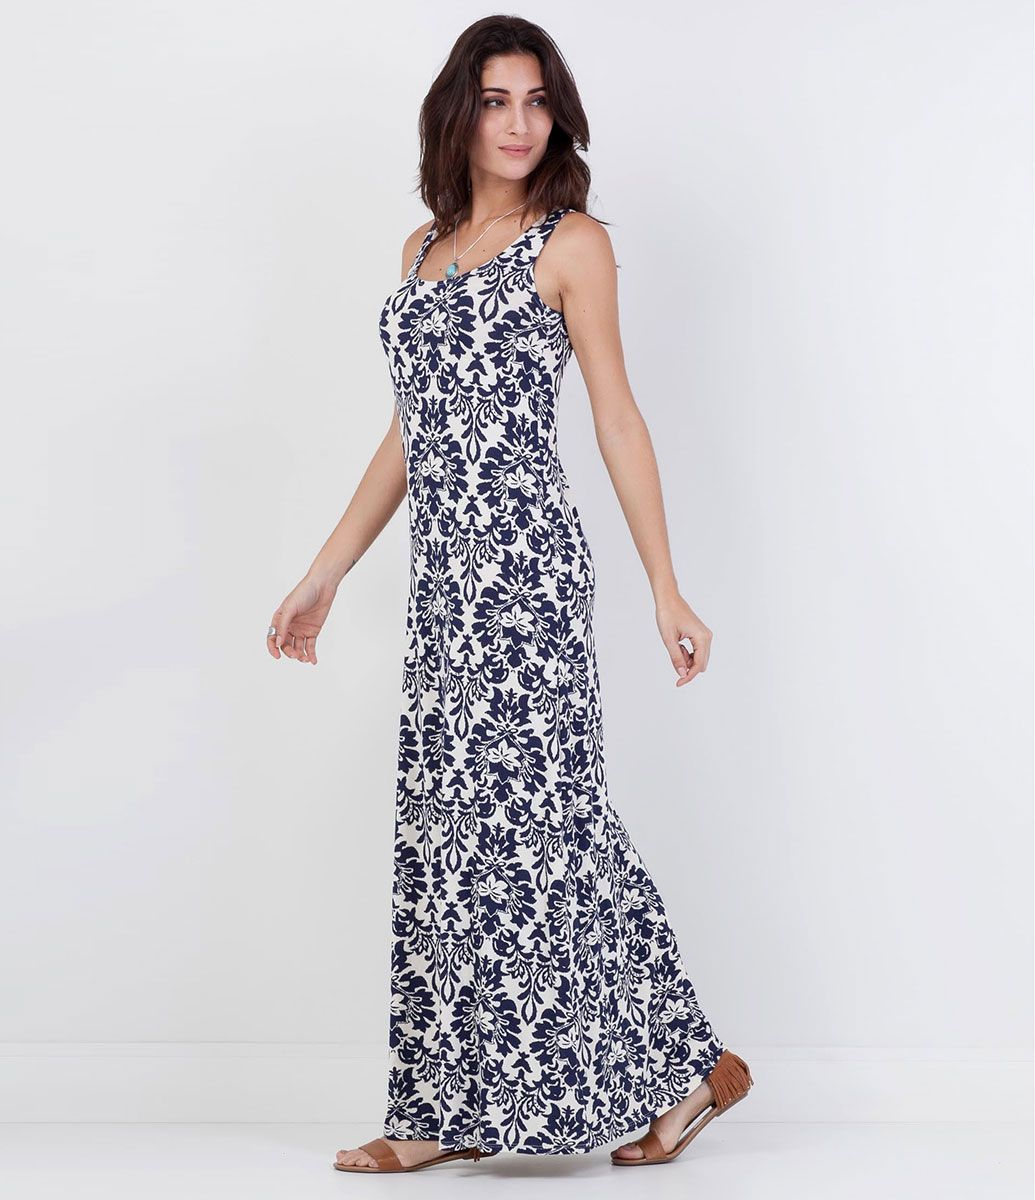 a62f0355b Vestido feminino Modelo longo Sem manga Estampado Marca: Marfinno Tecido:  malha Composição: 96% viscose e 4% elastano Modelo veste tamanho: P COLEÇÃO  VERÃO ...